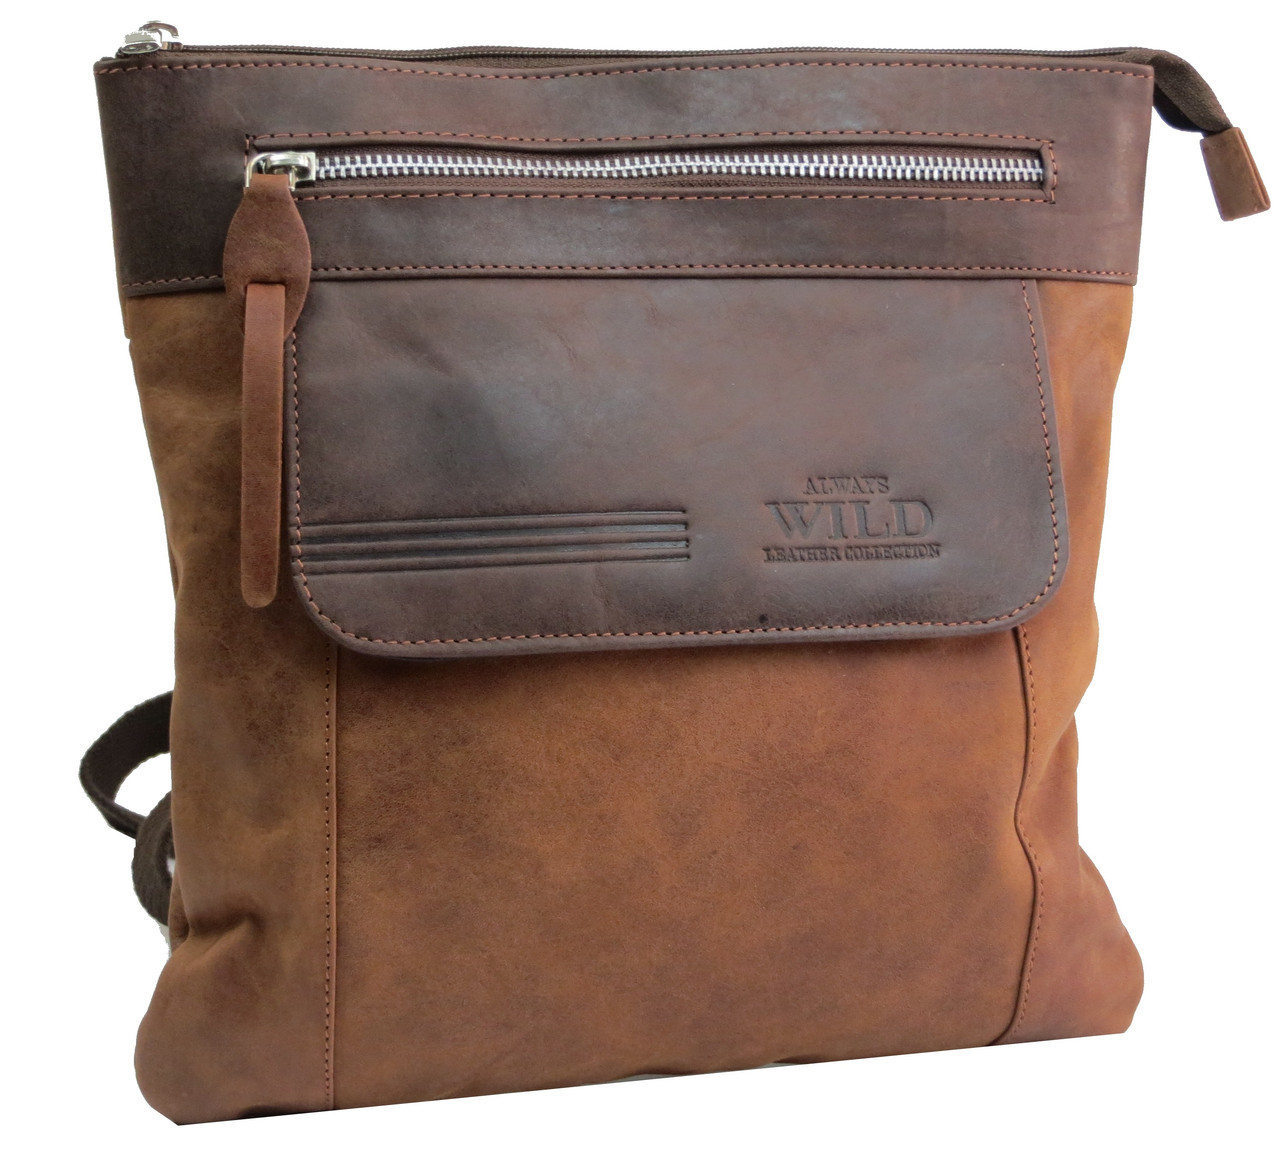 da56551af106 Вертикальная мужская кожаная сумка Always Wild BAG4HB, цена 1 450 грн.,  купить в Киеве — Prom.ua (ID#841255730)